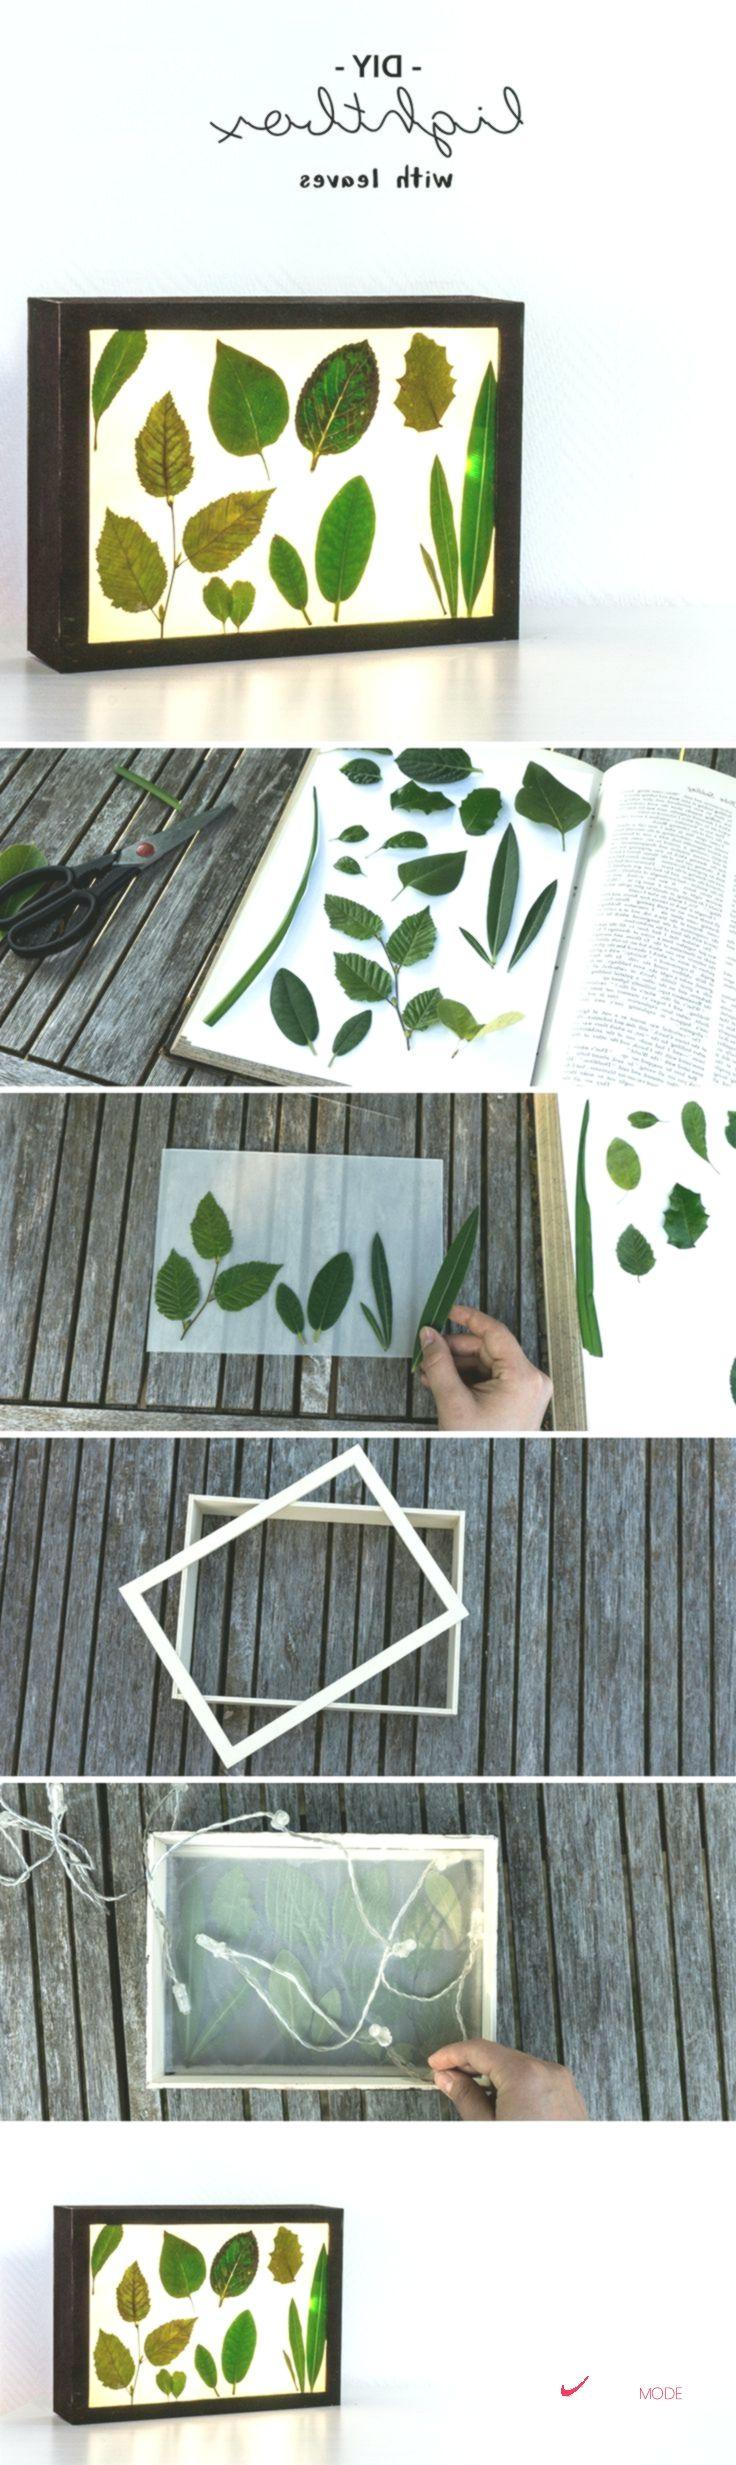 DIY Florale Lichtbox selber bauen: So funktioniert es – Herren Mode